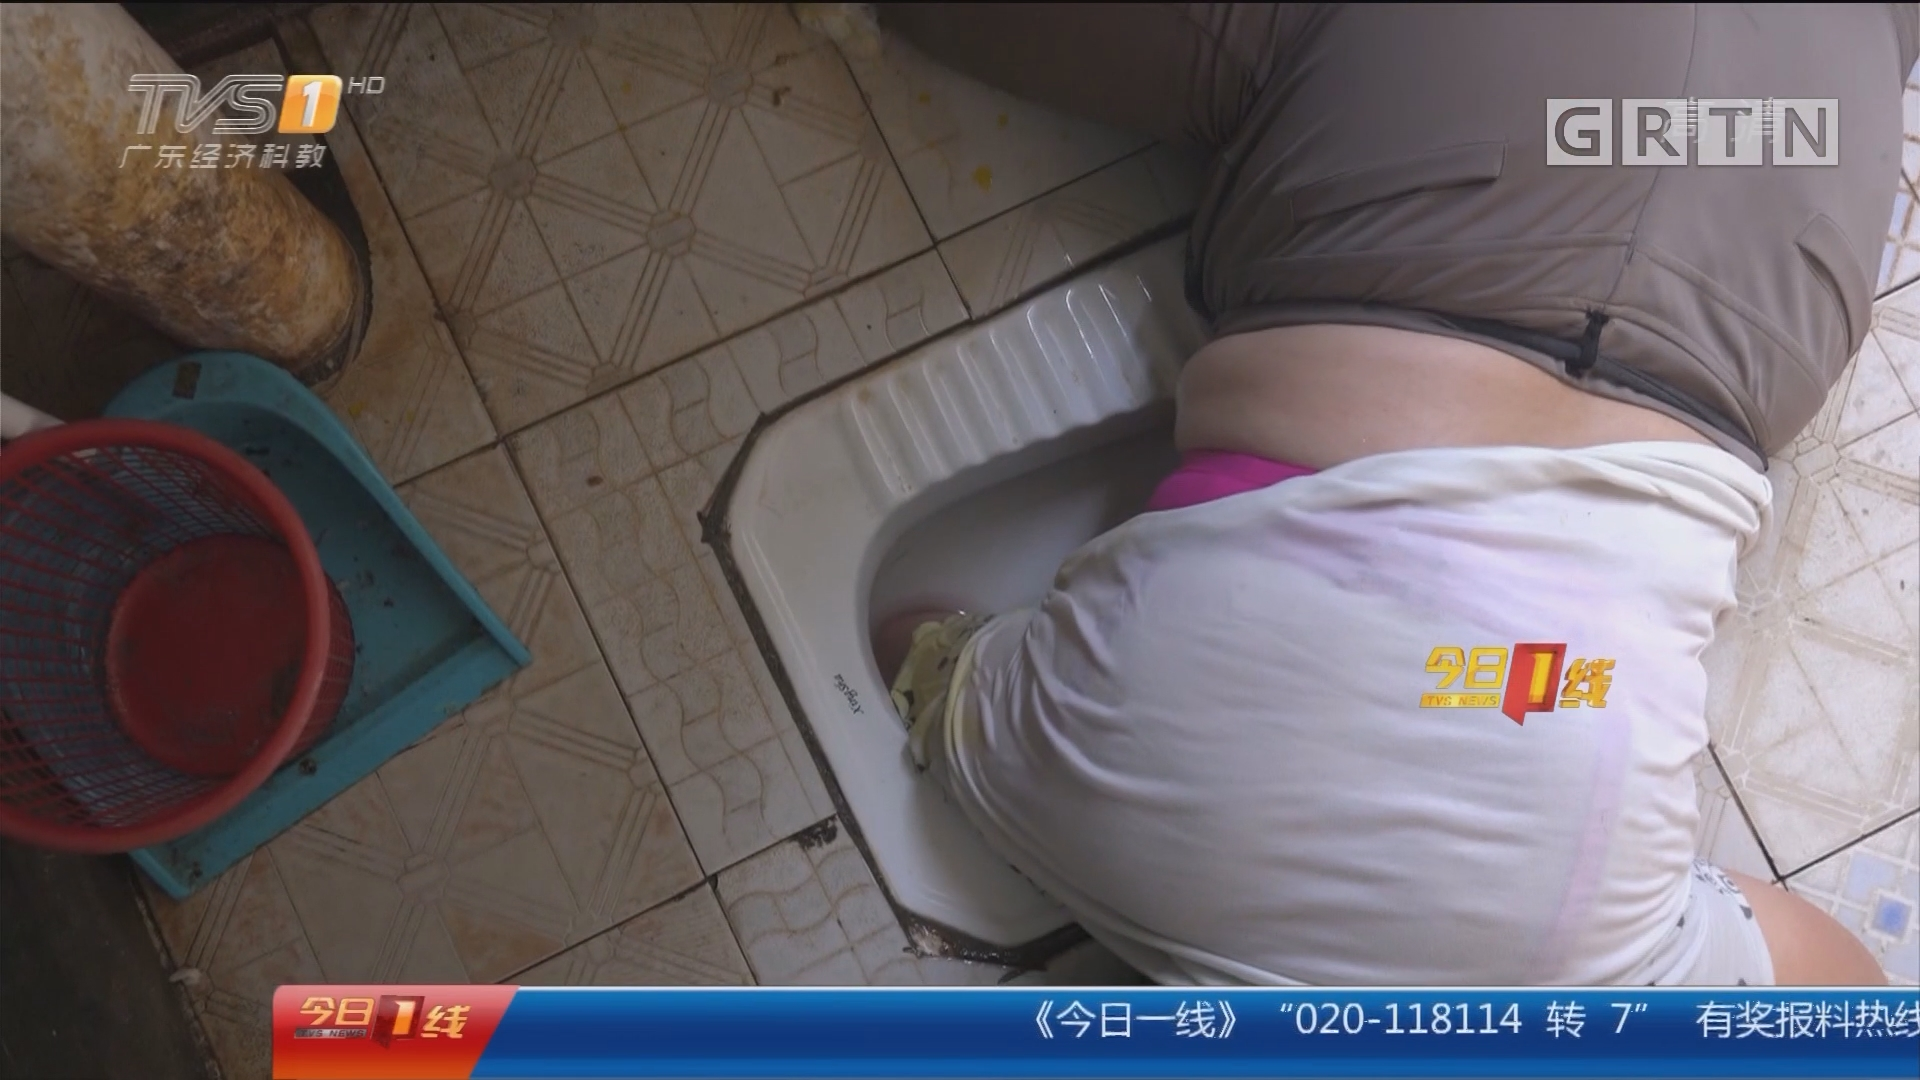 惠州惠东:女子手臂被卡下水道 消防救援